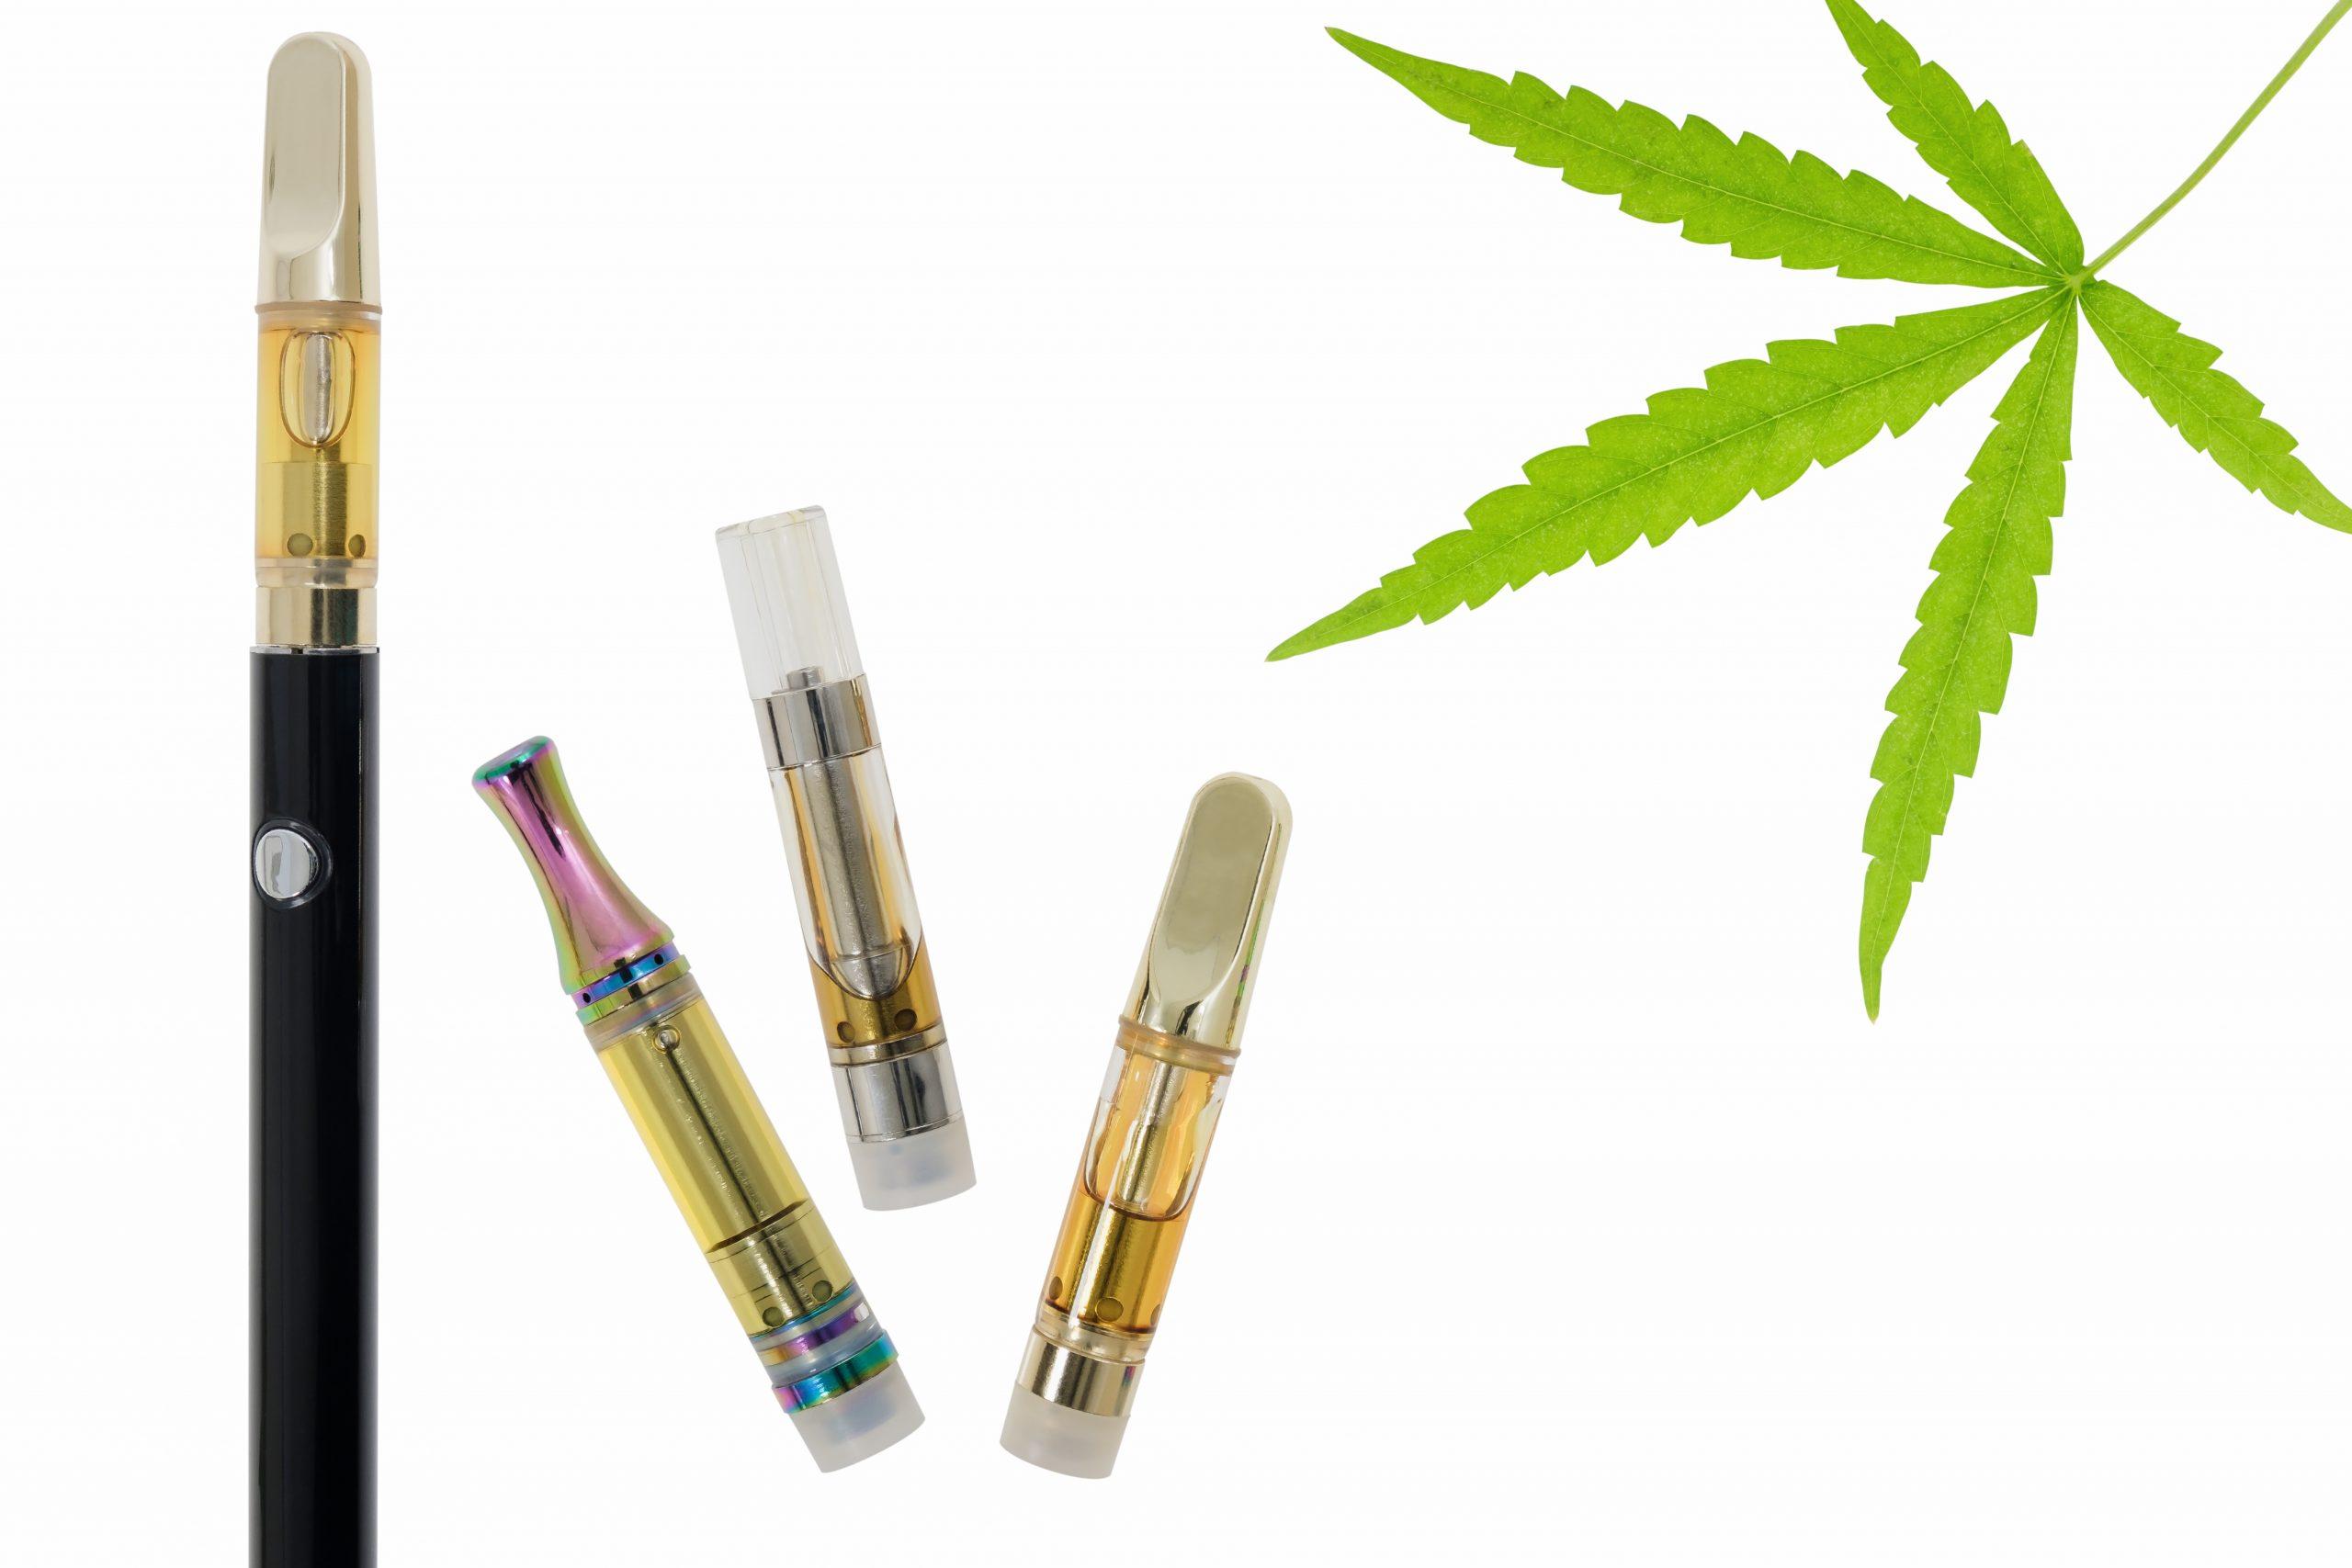 Four cannabis vape carts and a leaf